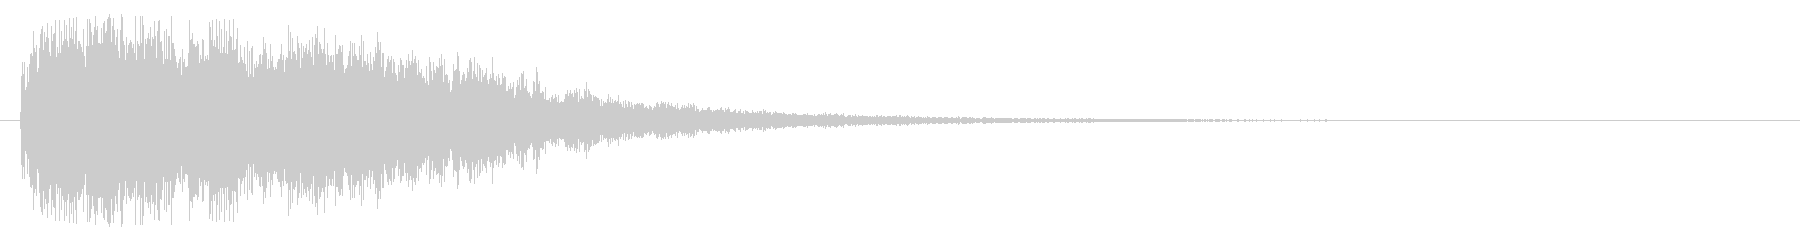 キラリーン(課題クリア)の未再生の波形